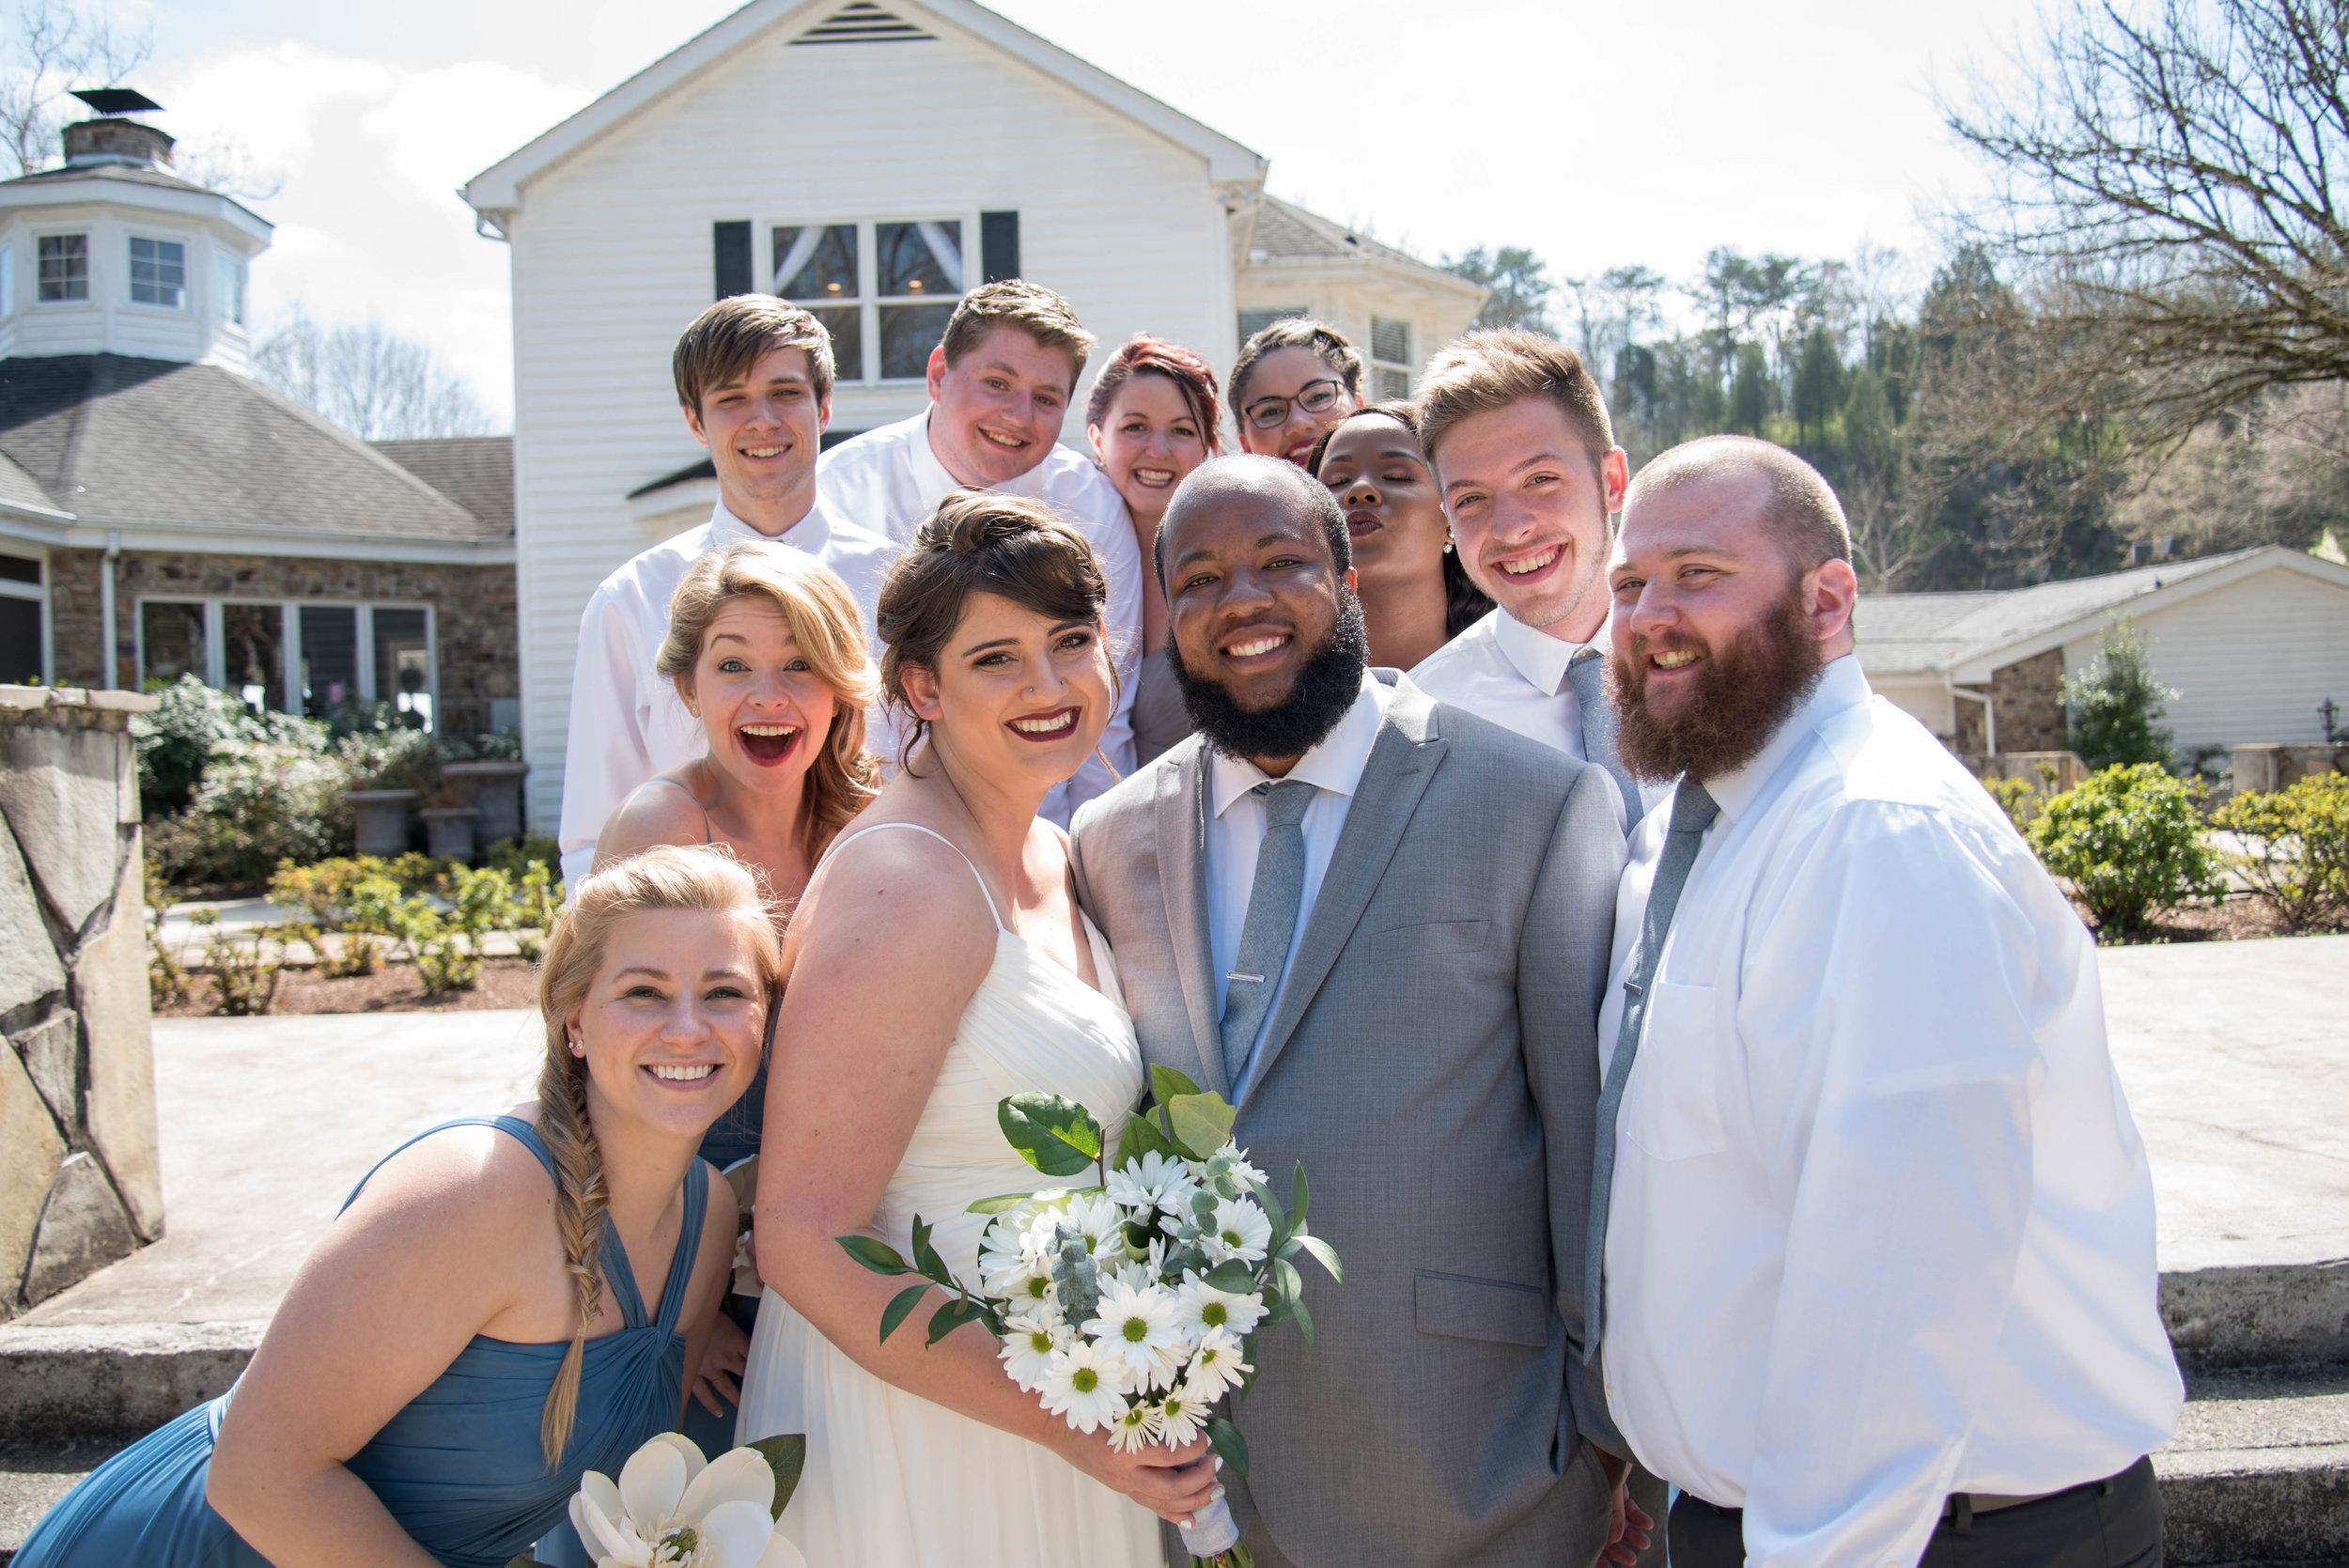 weddingparty-098.jpg